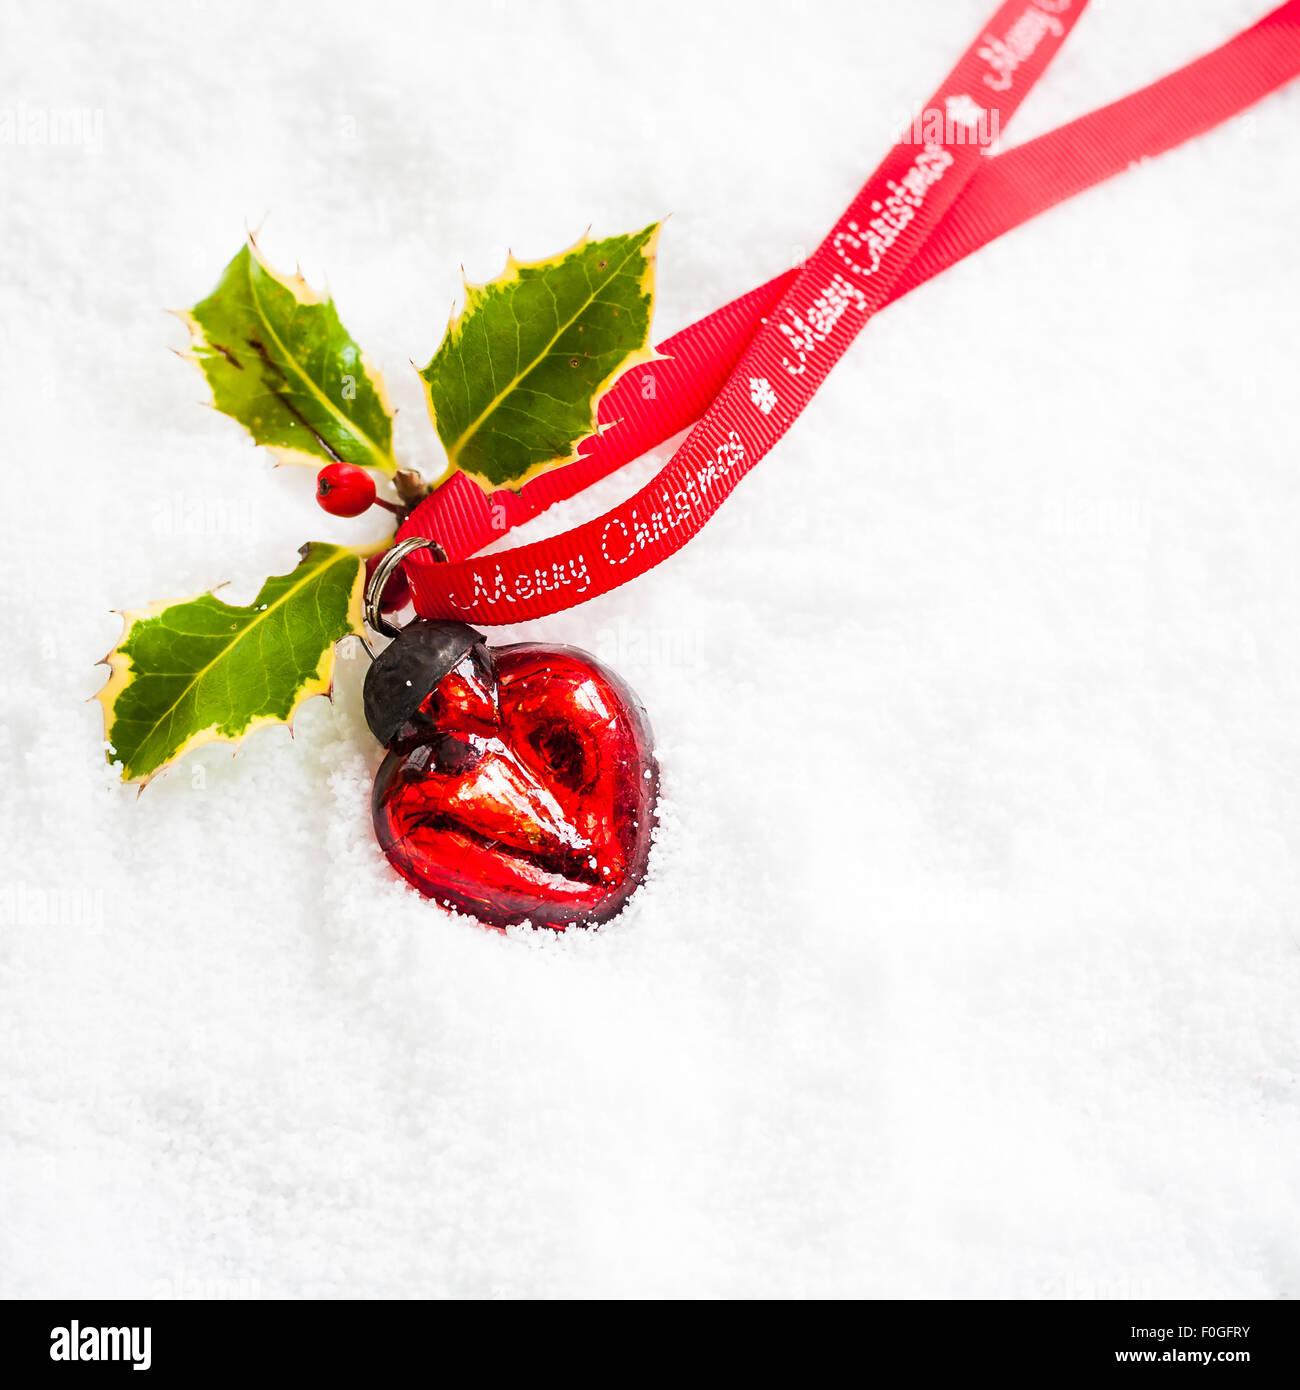 Cuore rosso a forma di pallina con agrifoglio e Buon Natale nastro sulla neve Immagini Stock